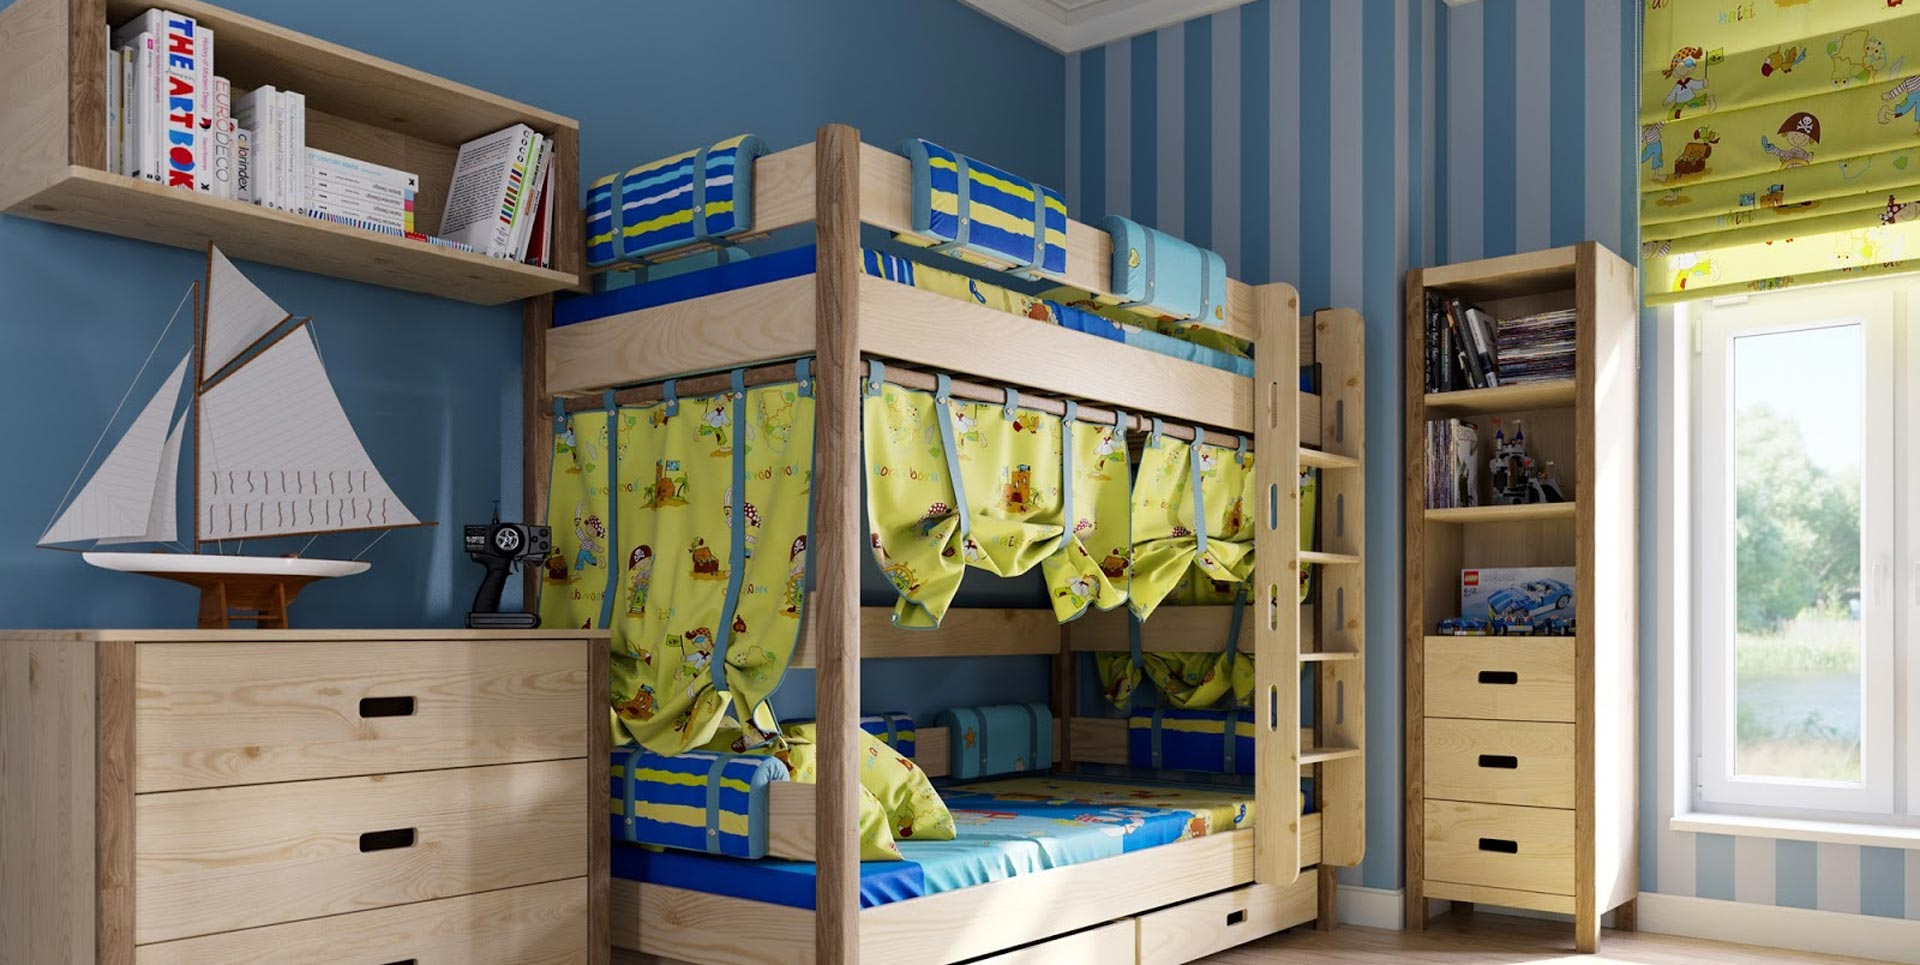 Idee Per Camere Ragazzi idee sui tendaggi per camere per bambini | ambienti